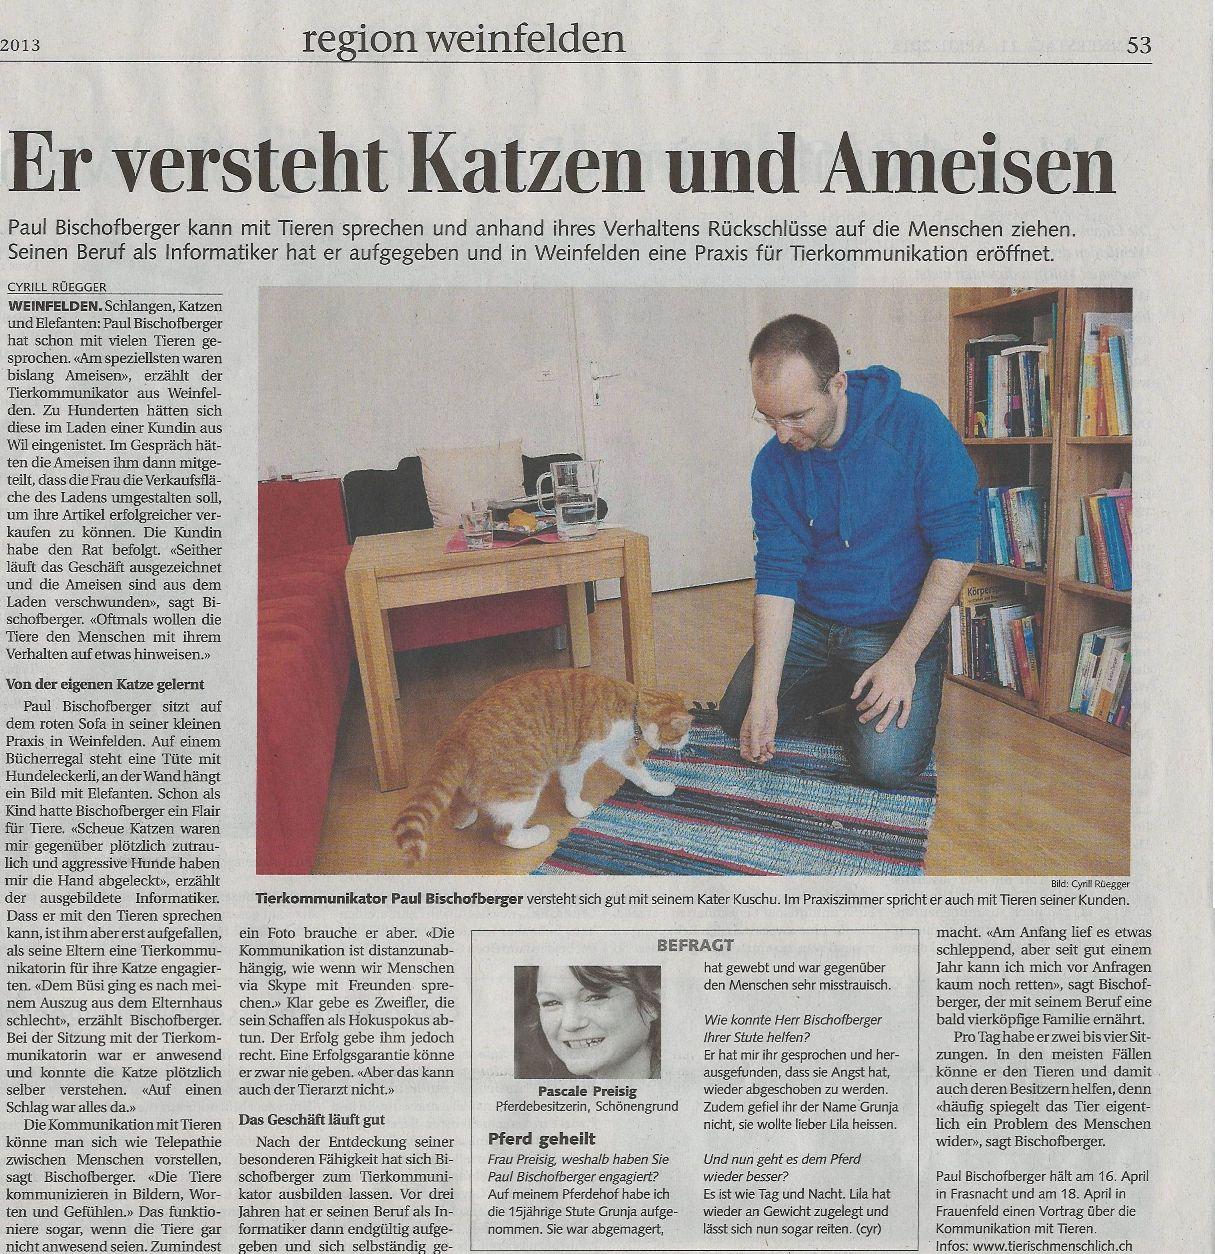 2013_04_11_Thurgauer_Zeitung.jpg